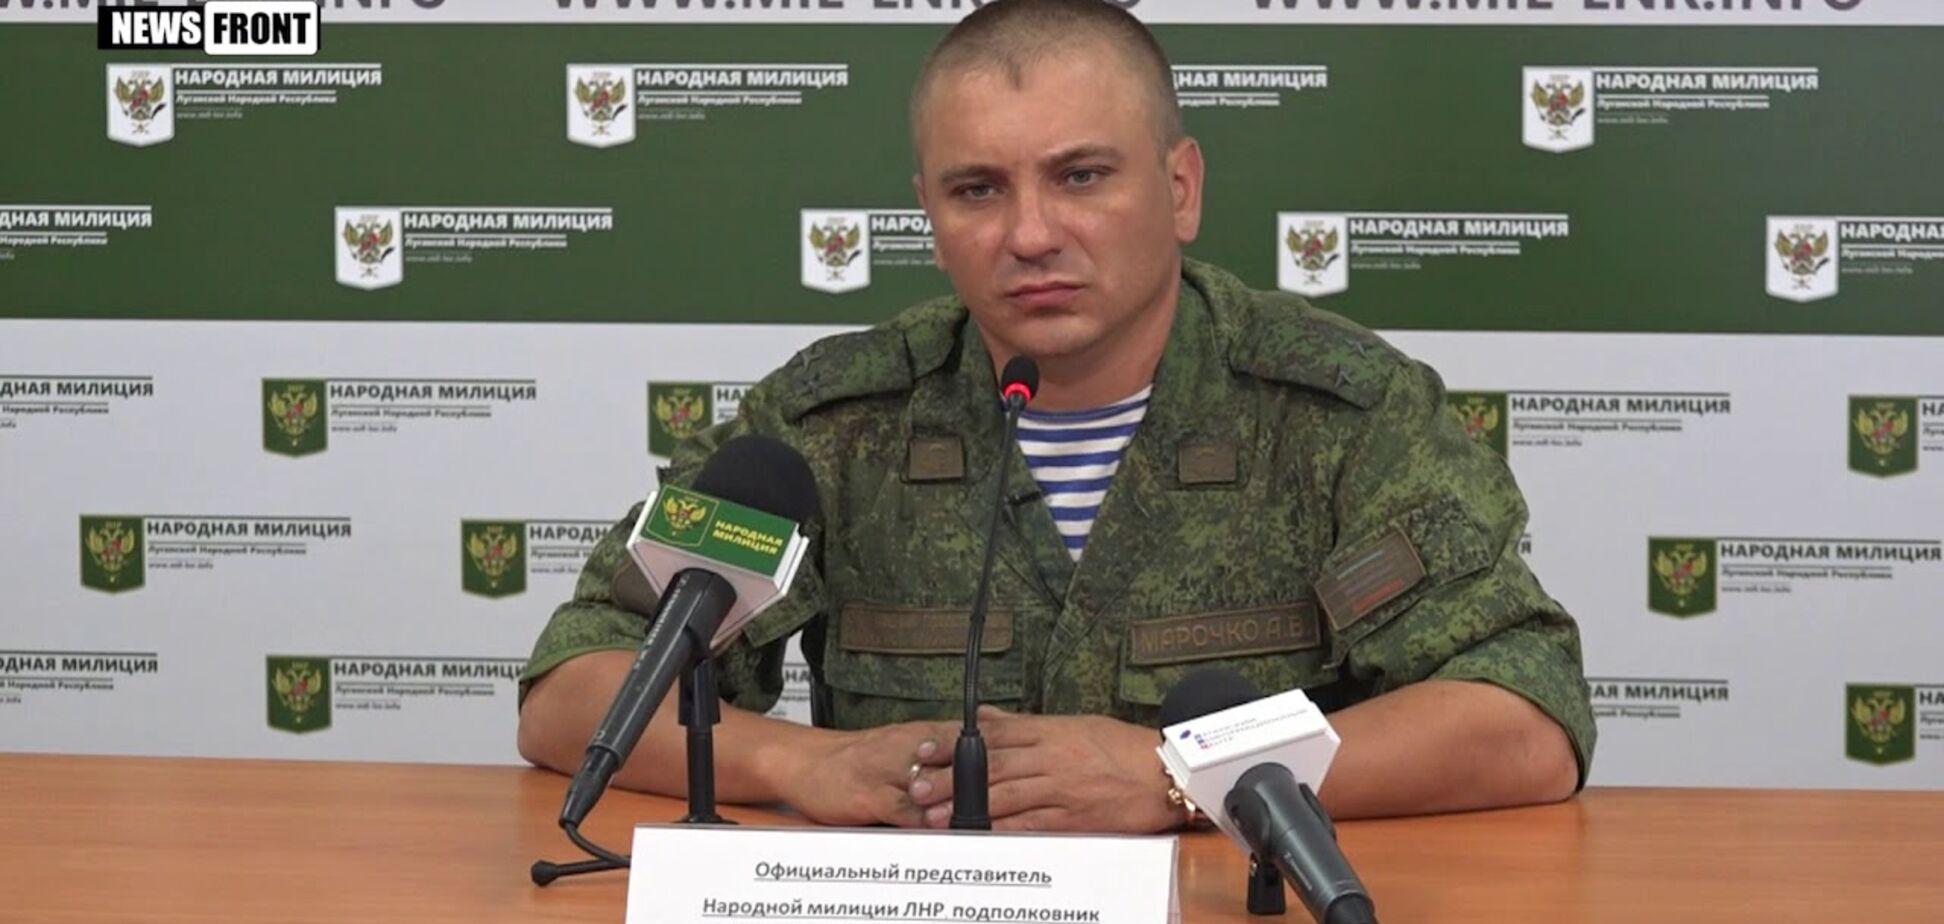 Чекають на атаку ЗСУ: в 'ЛНР' забили на сполох, заявивши про загострення